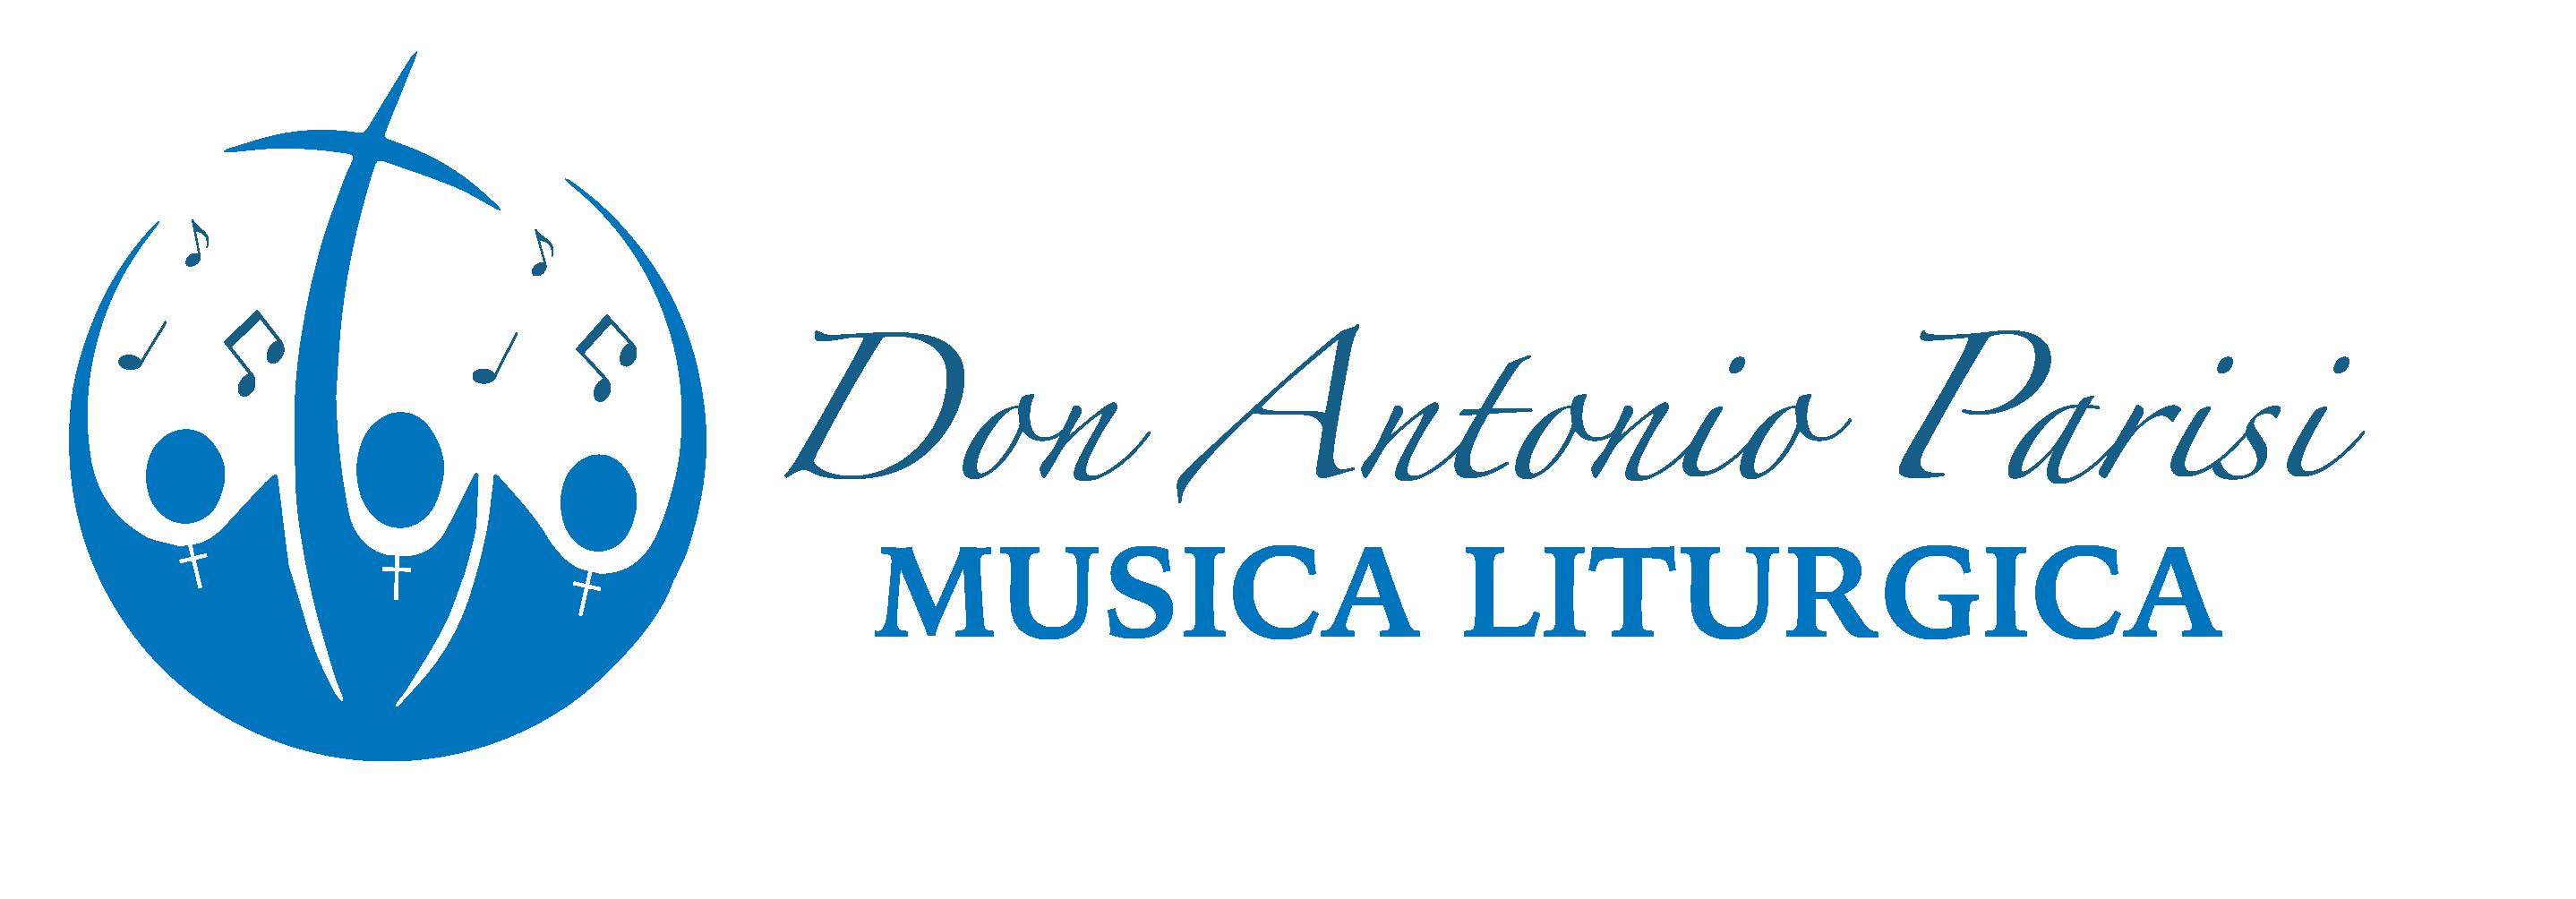 Don Antonio Parisi